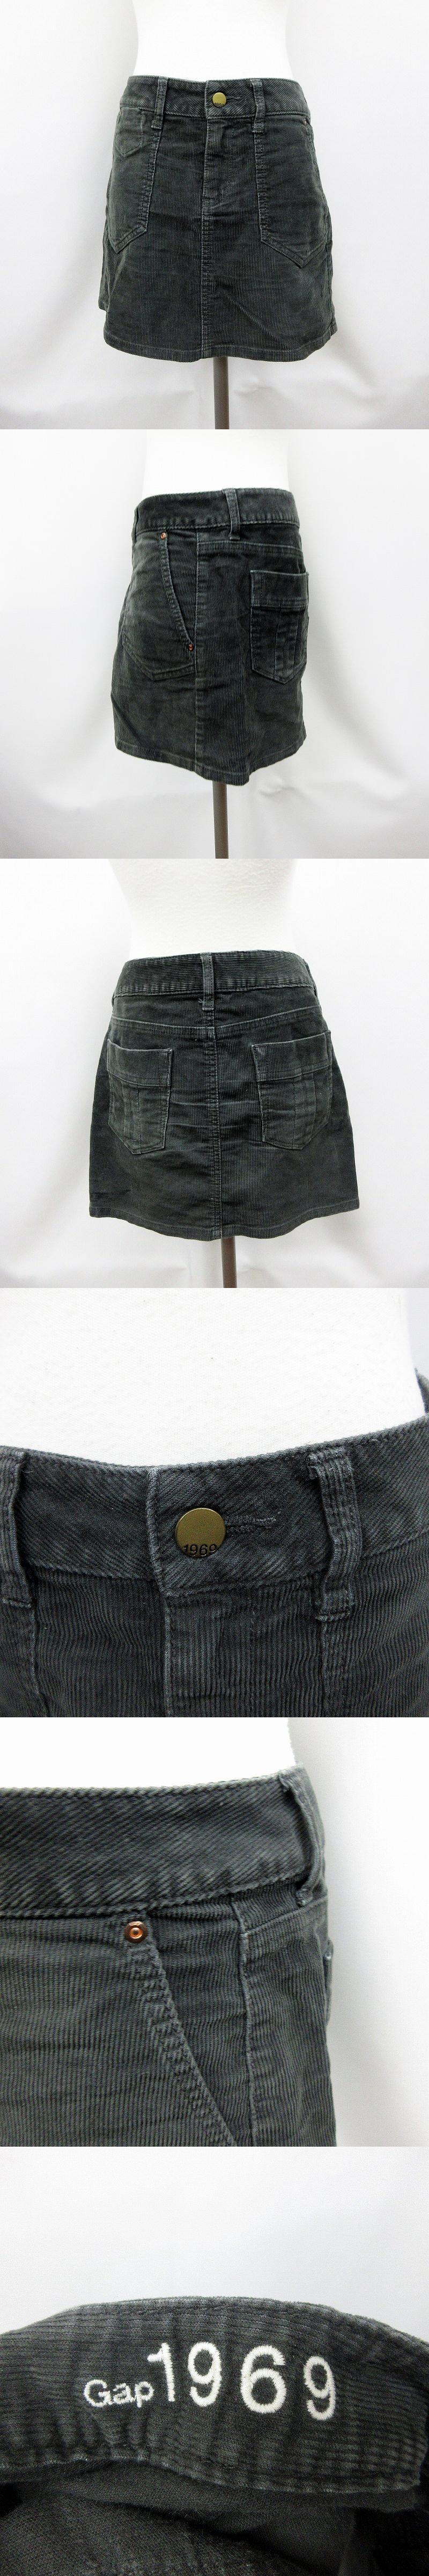 ストレッチ コーデュロイ ミニ スカート XS 灰色 グレー系 ●19